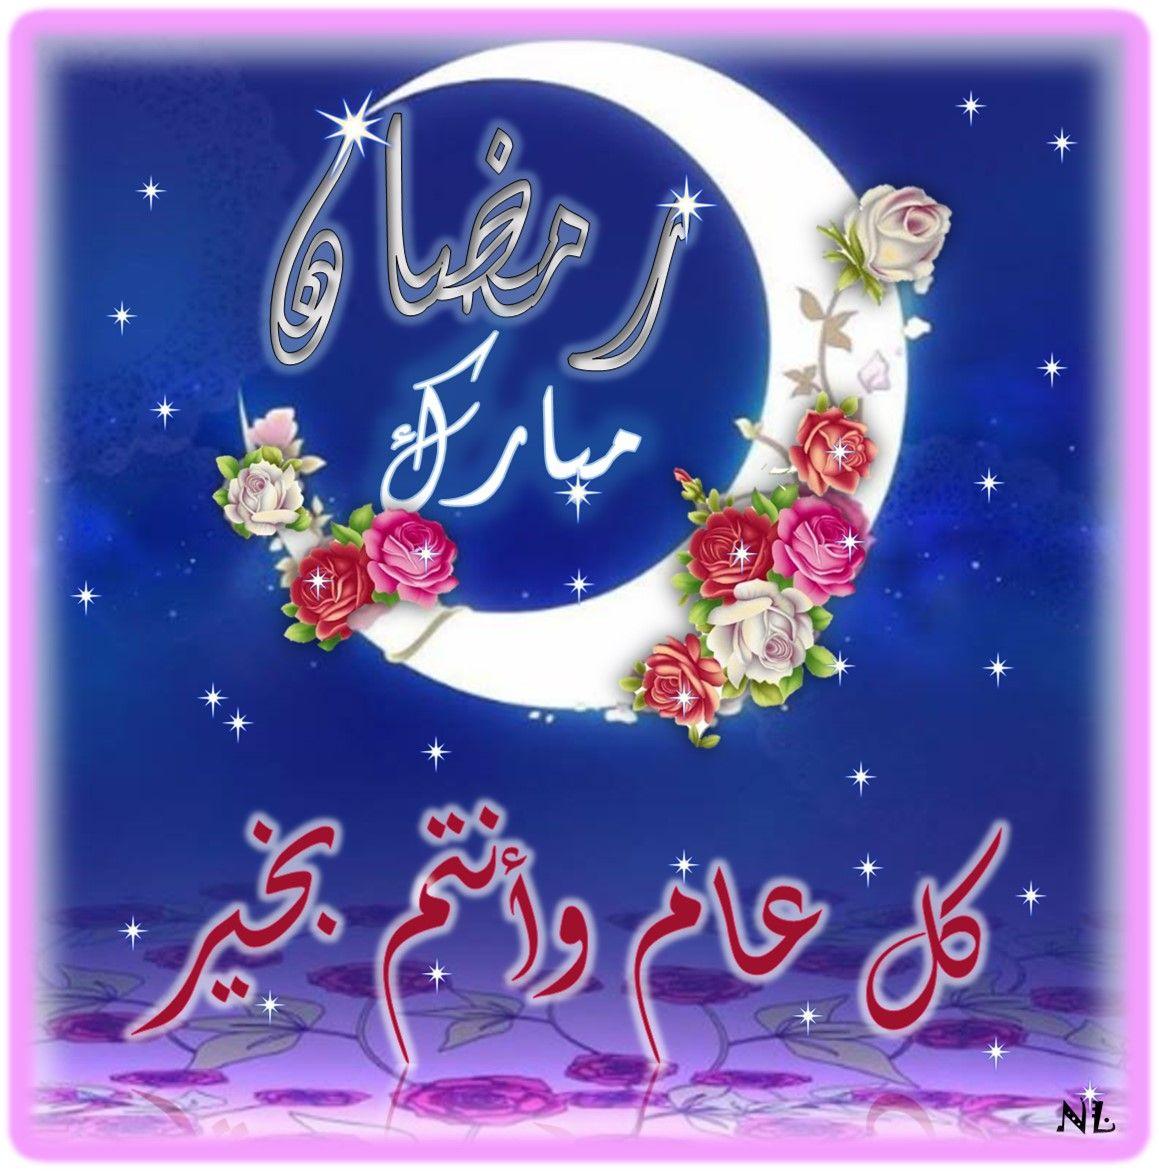 رمضان مبارك كل عام وانتم بخير Neon Signs Neon Signs